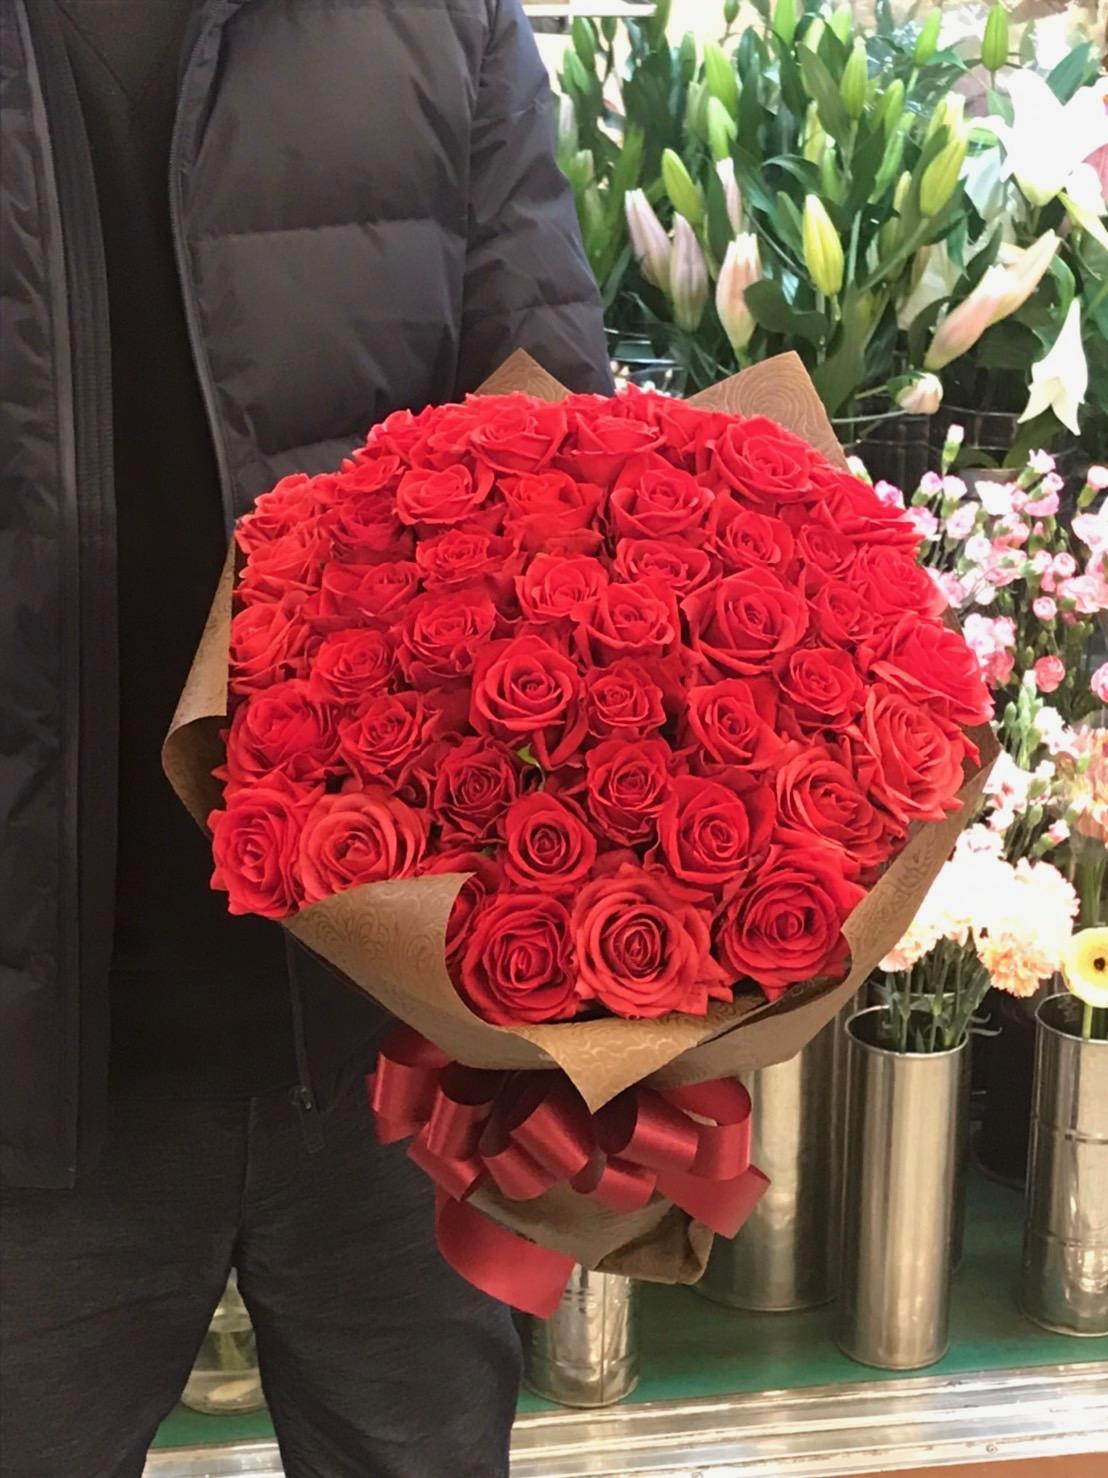 ノートルダム横浜 みなとみらいへバラの花束を配達しました。【横浜花屋の花束・スタンド花・胡蝶蘭・バルーン・アレンジメント配達事例560】